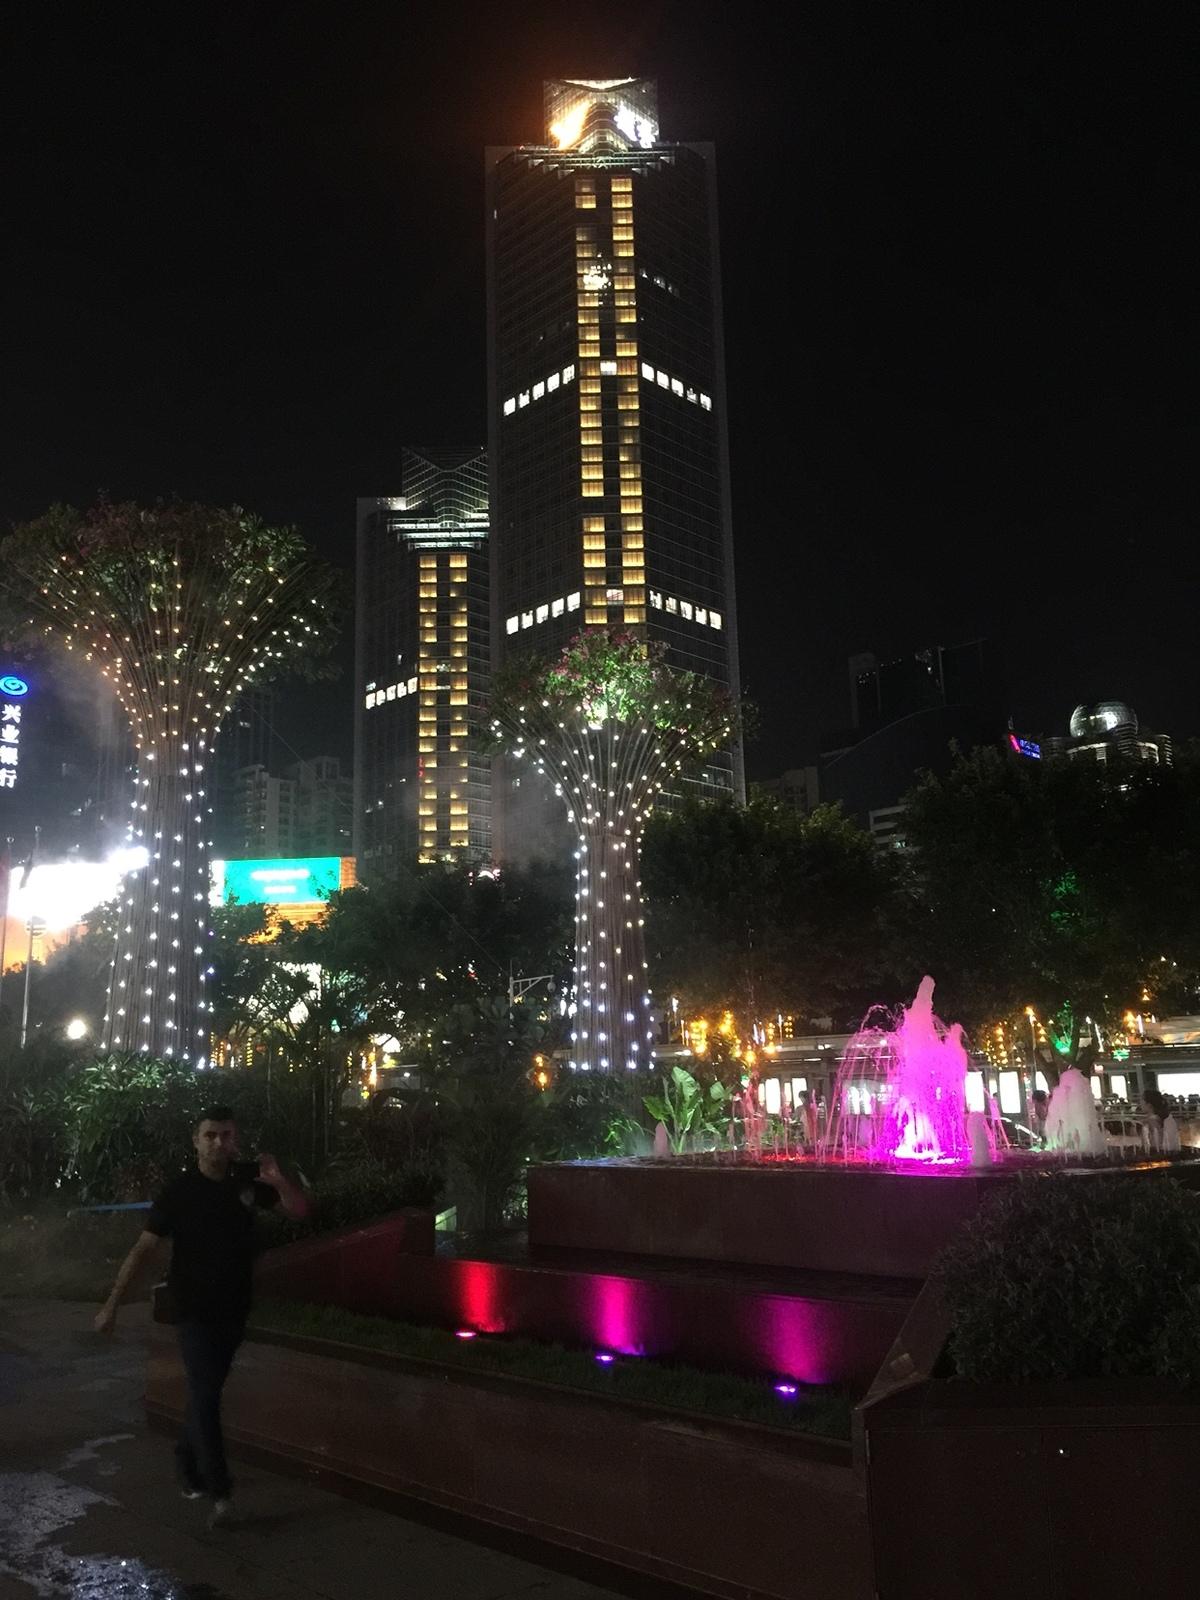 اجمل مدن العالم الصين 474200 المسافرون العرب